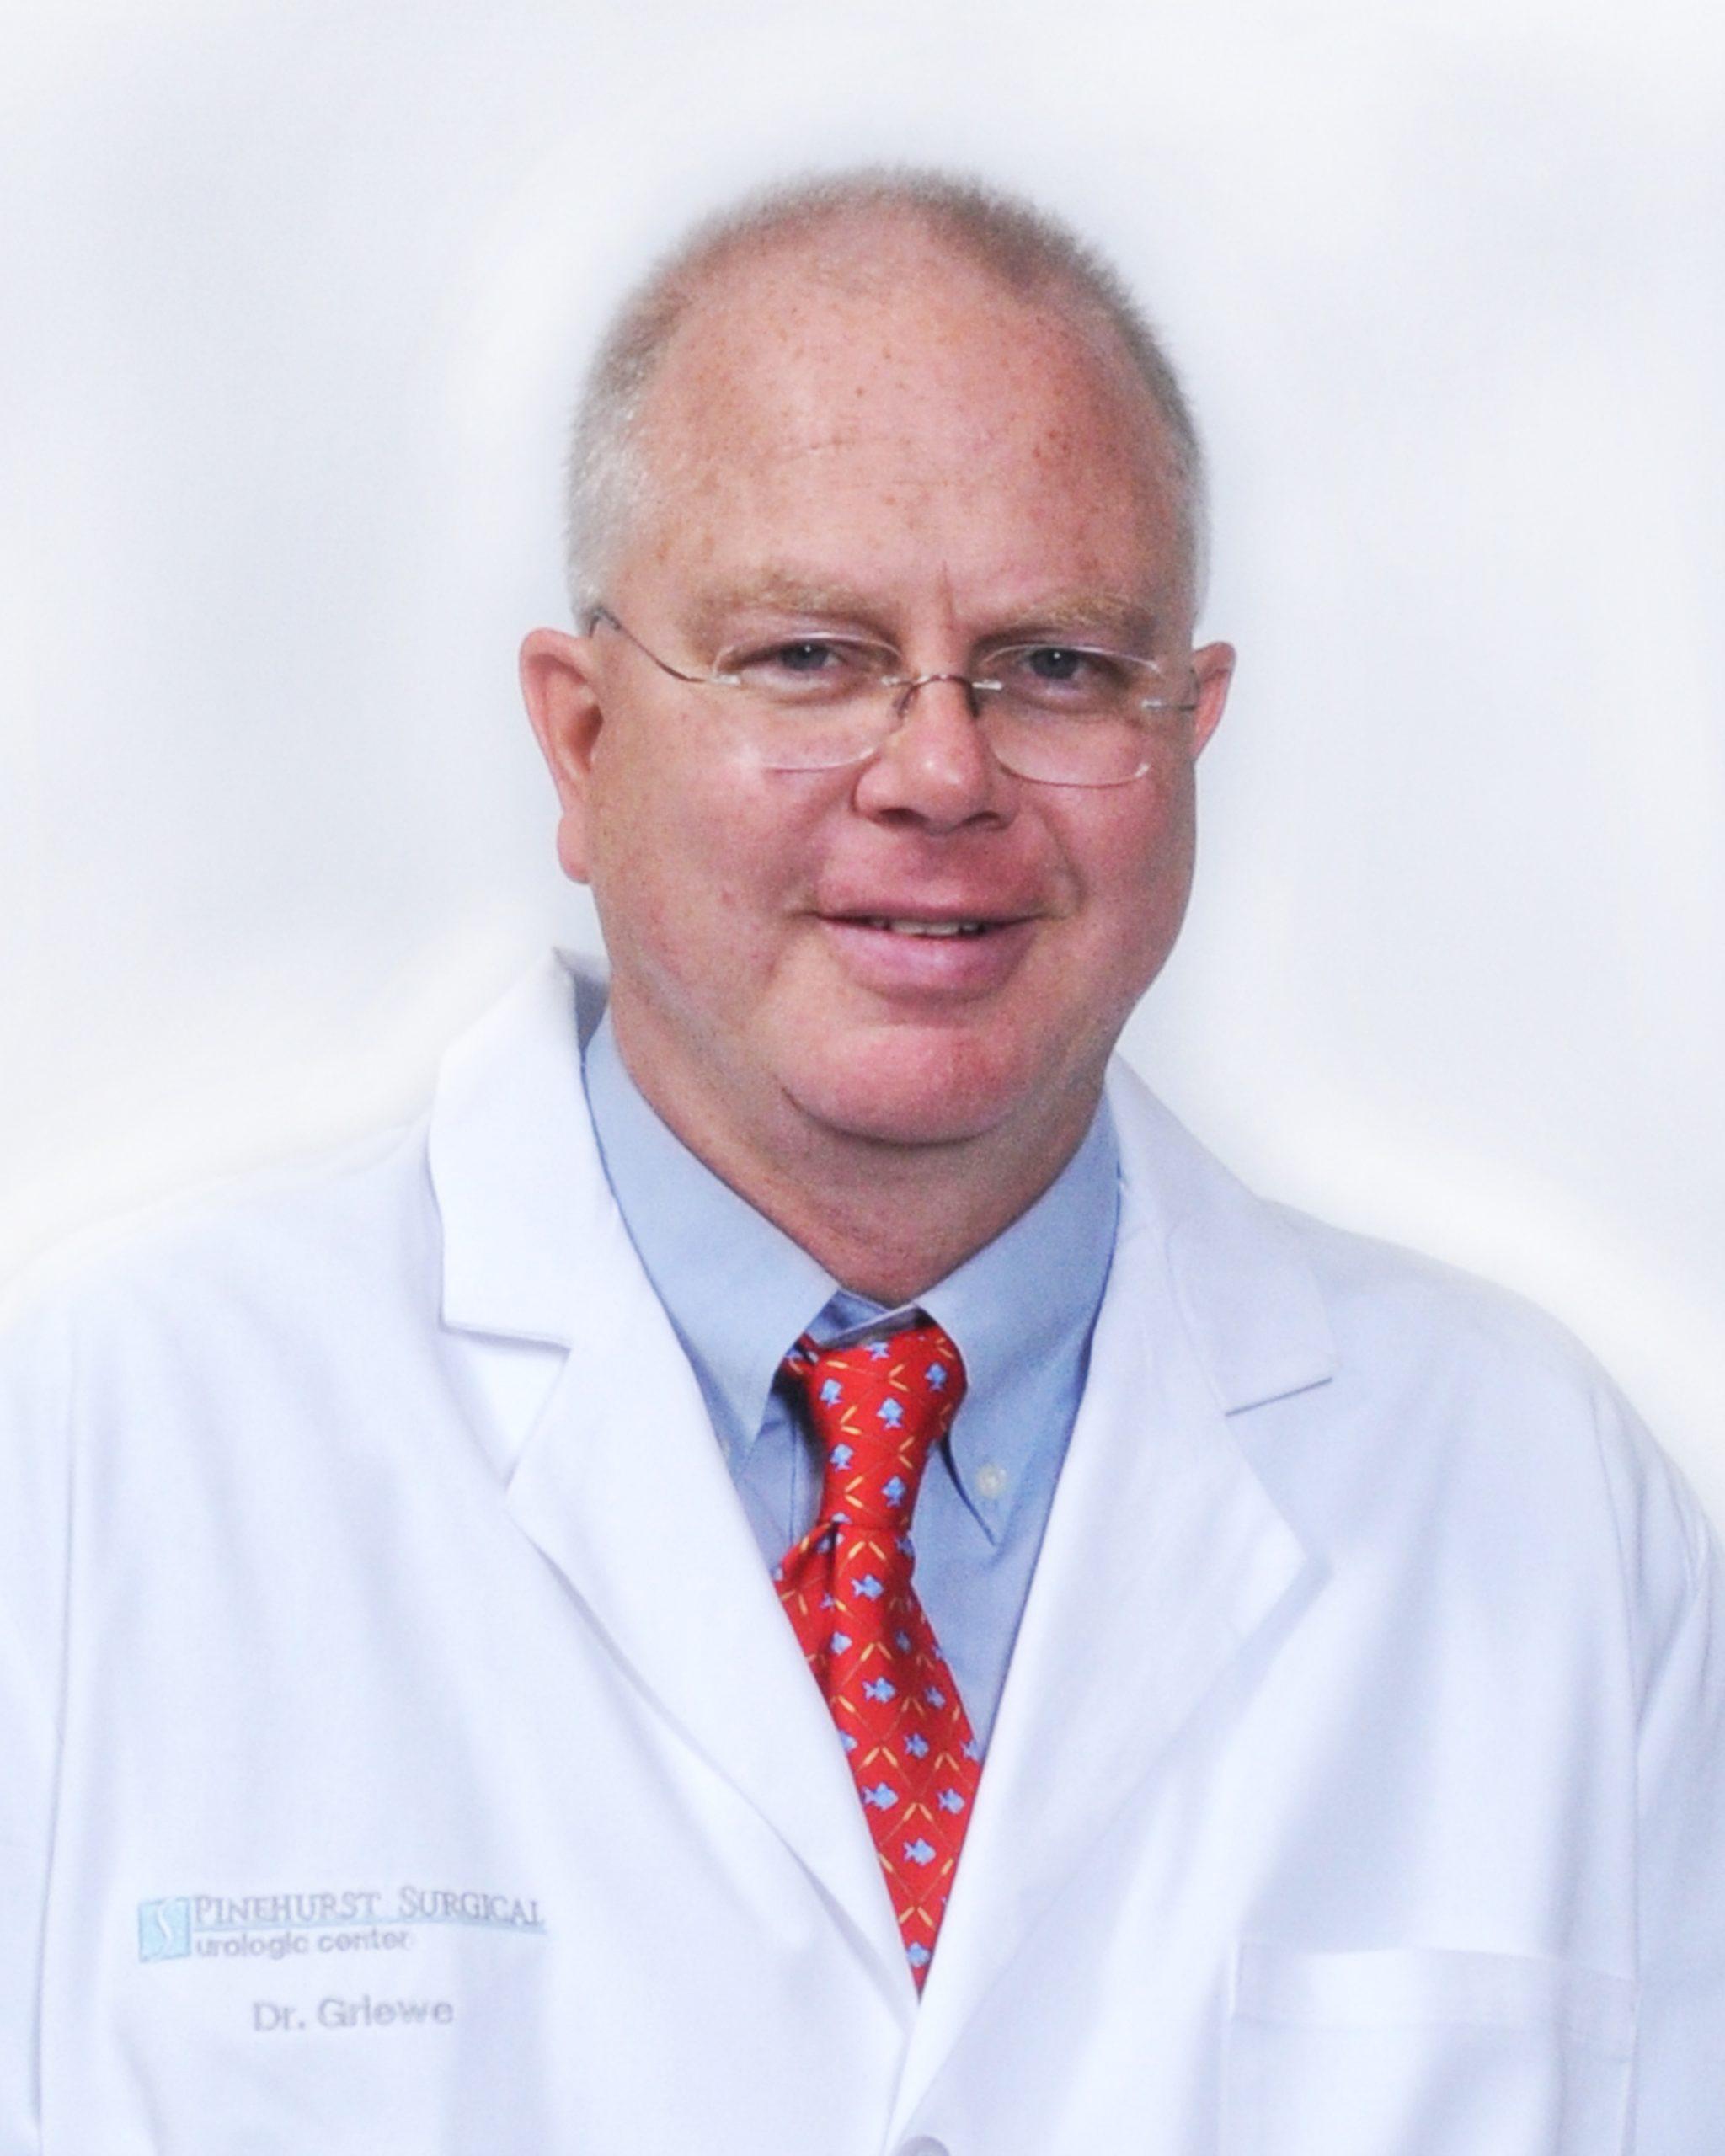 Greg Griewe Urologic Surgery